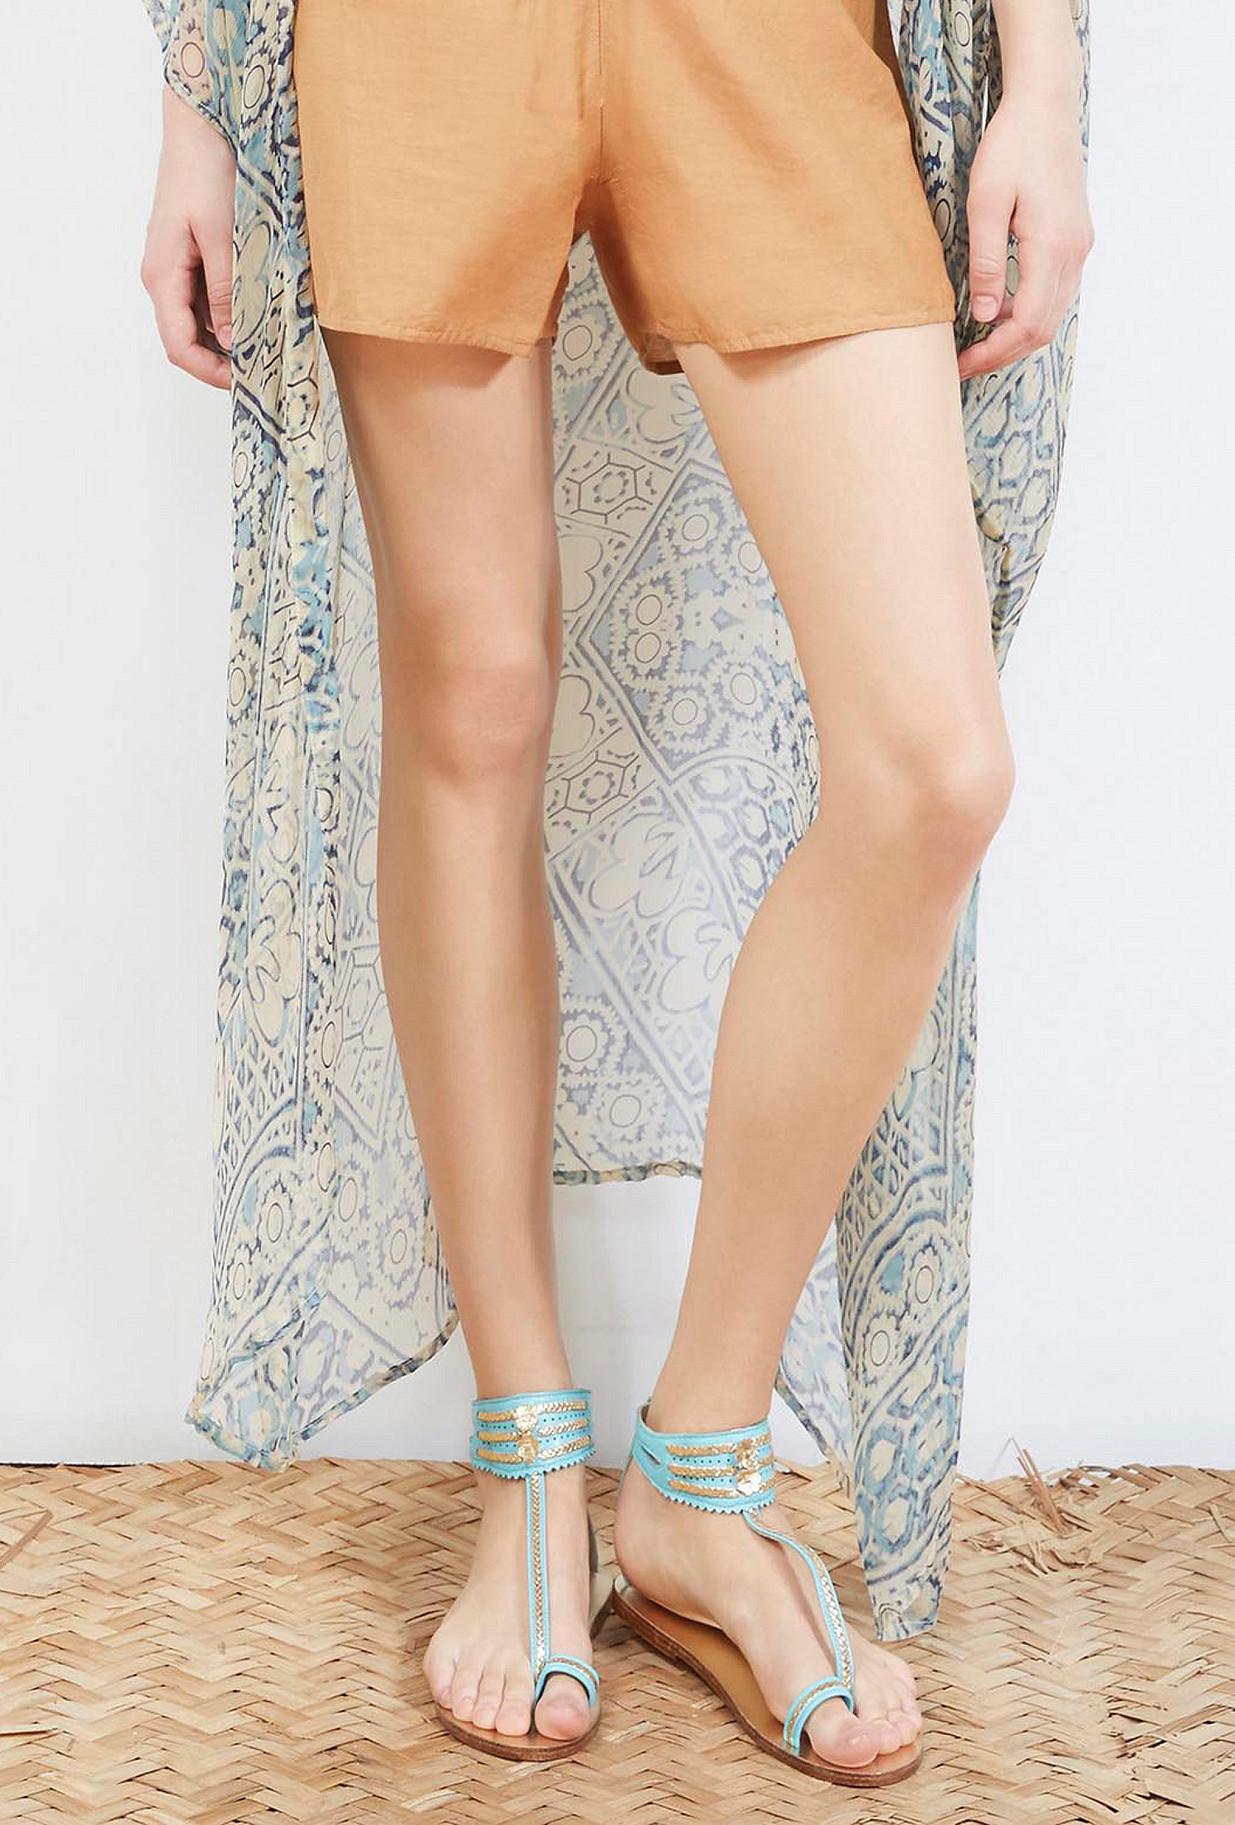 boutique de chaussures femme sheeba queen mode createur paris. Black Bedroom Furniture Sets. Home Design Ideas